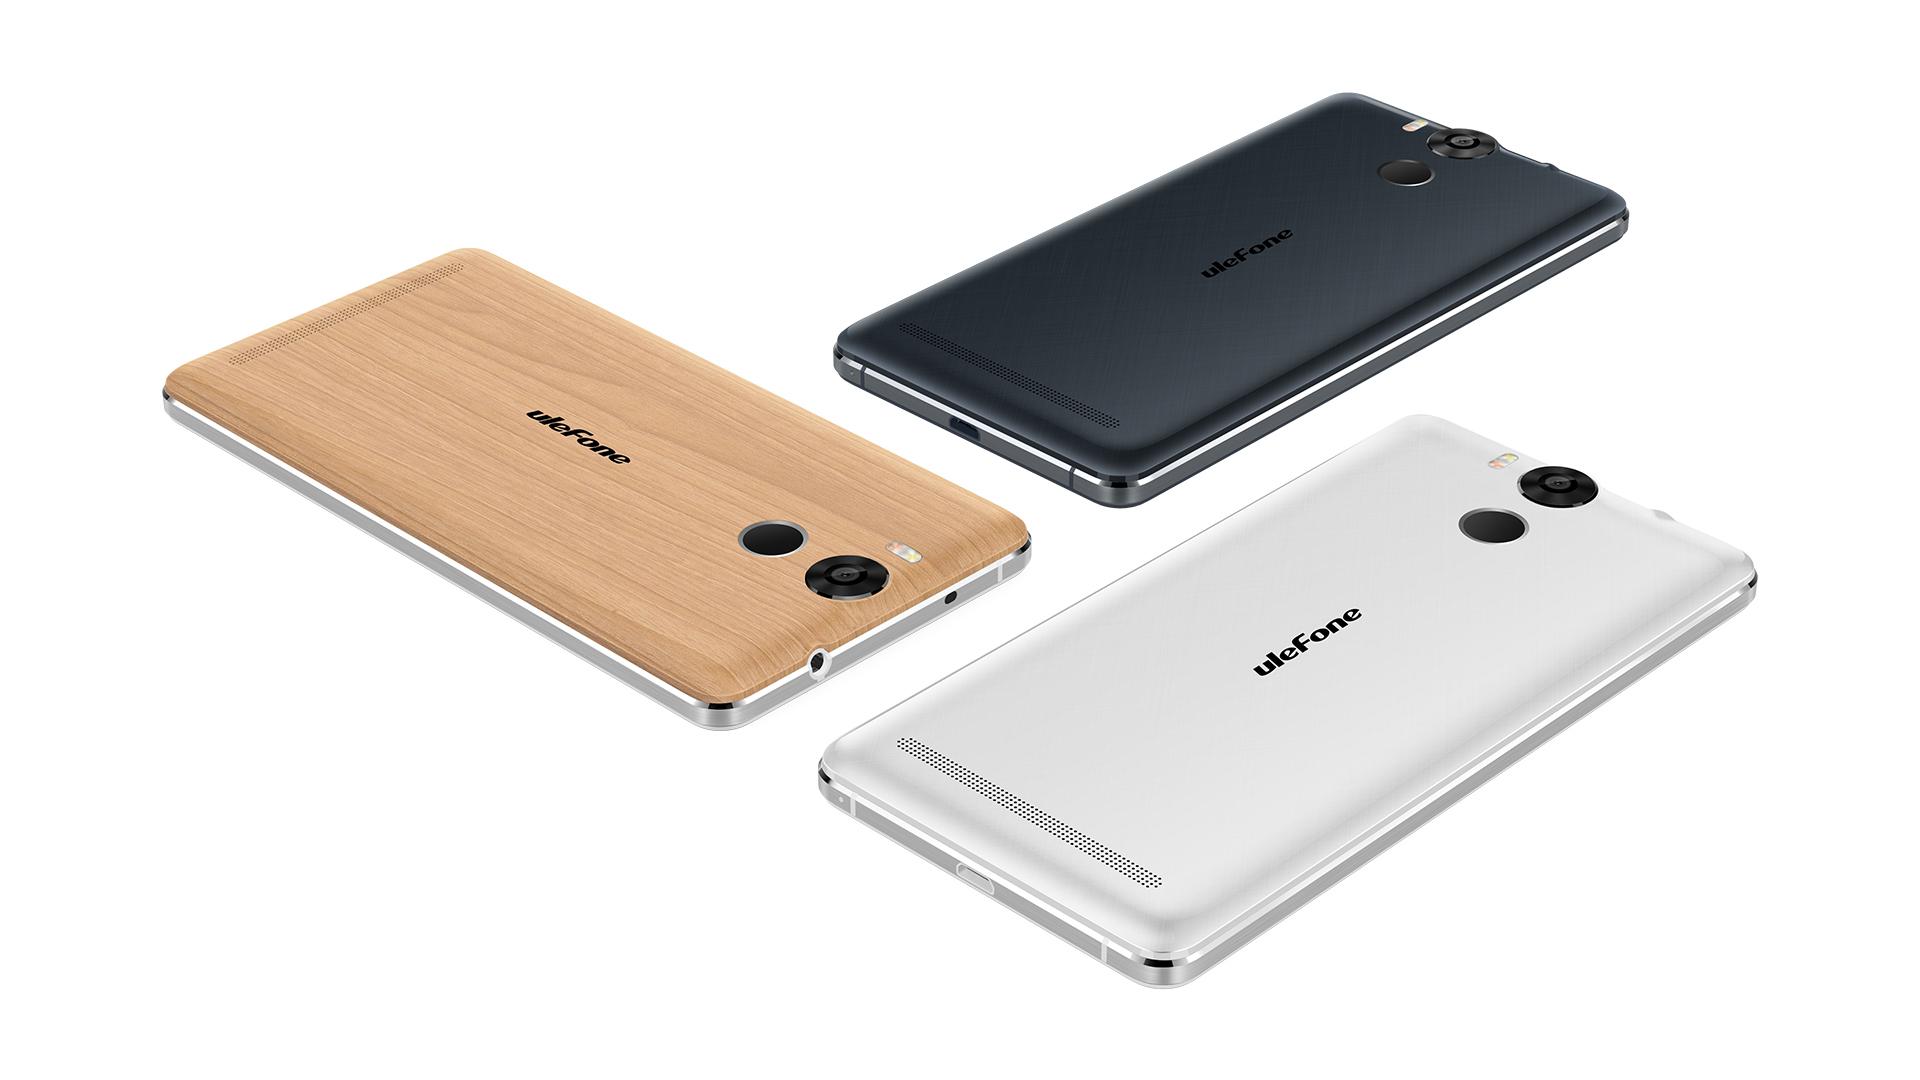 Ulefone Power lancé : batterie 6050 mAh !